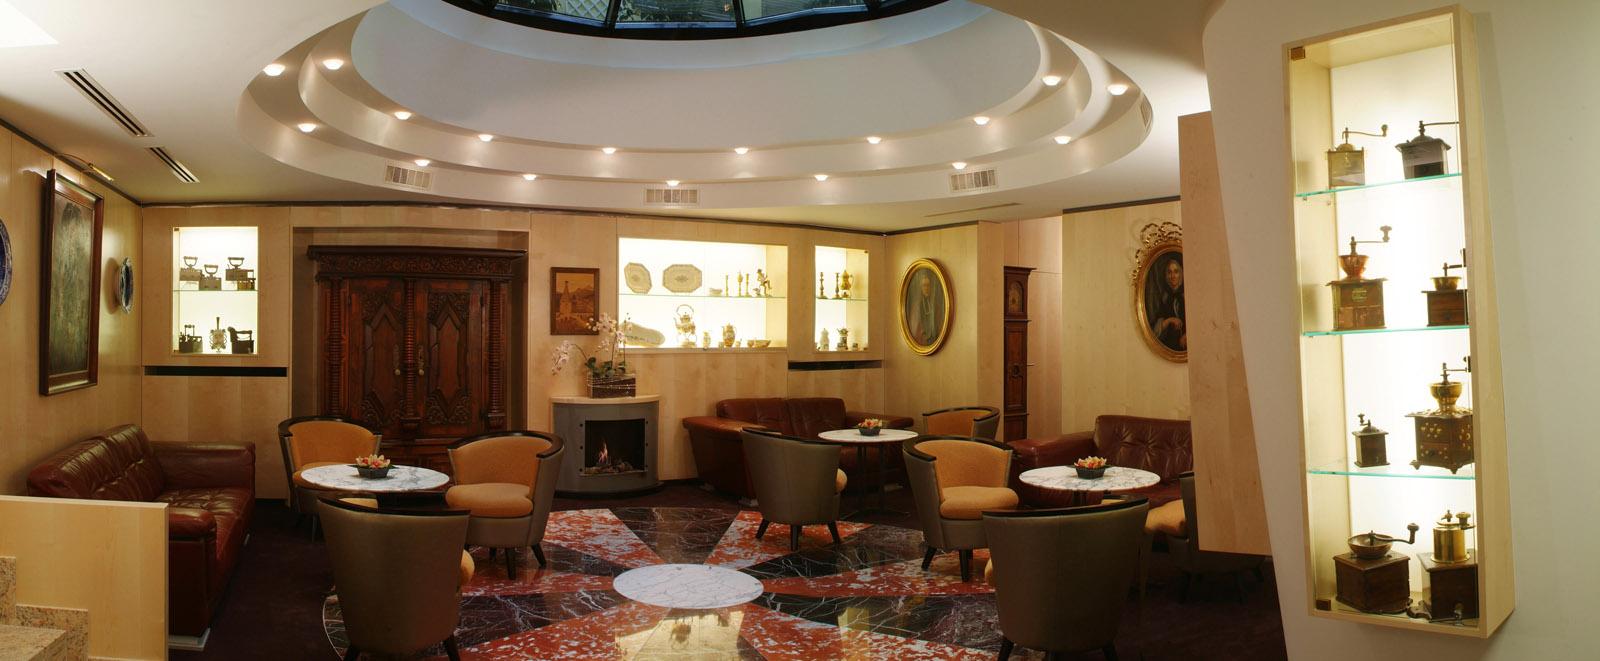 salons und bar 4hotel in stra223burg best western plus